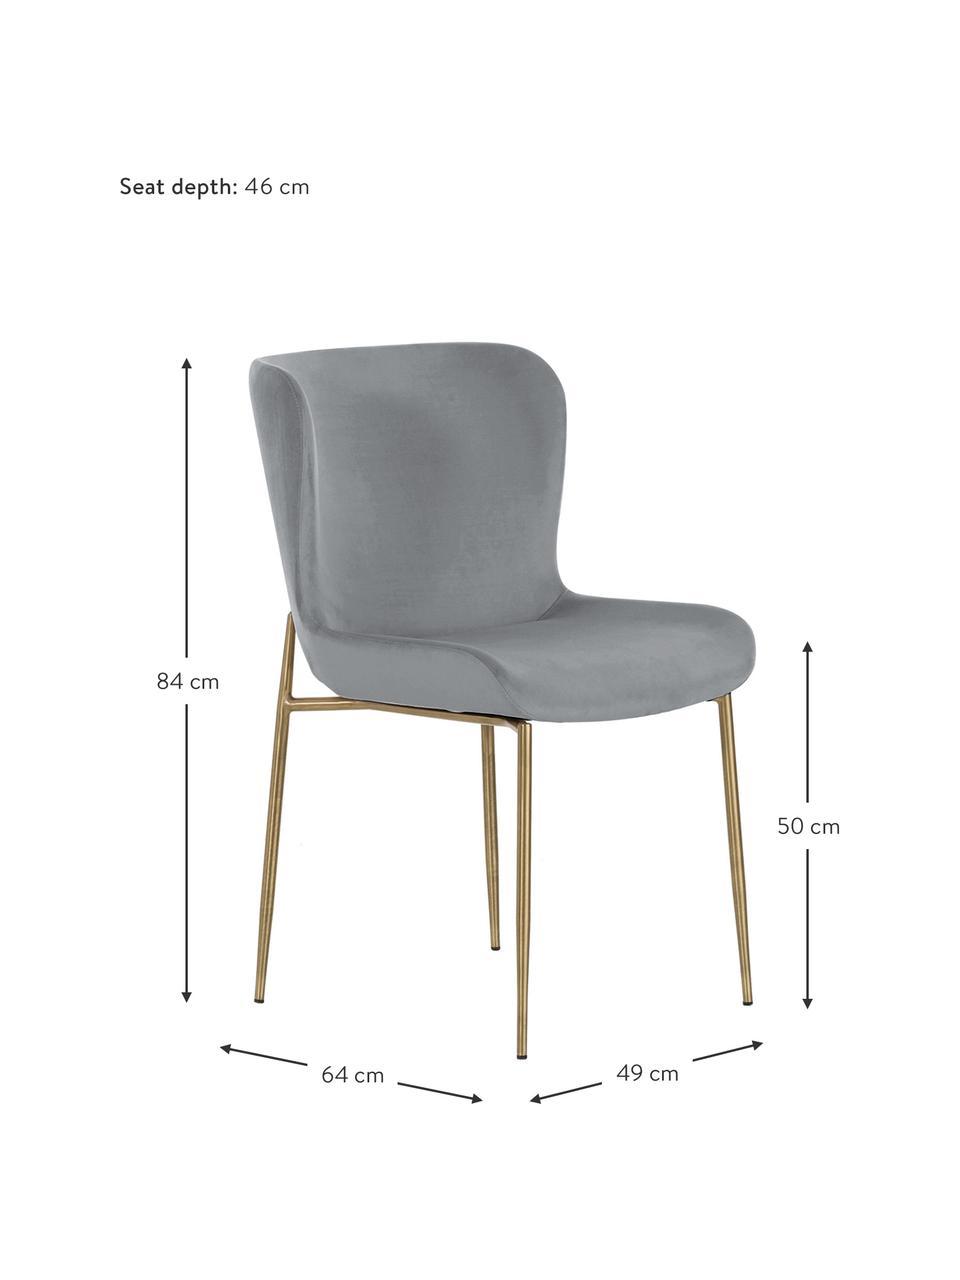 Krzesło tapicerowane z aksamitu Tess, Tapicerka: aksamit (poliester) Dzięk, Nogi: metal malowany proszkowo, Aksamitny szary, złoty, S 49 x G 64 cm